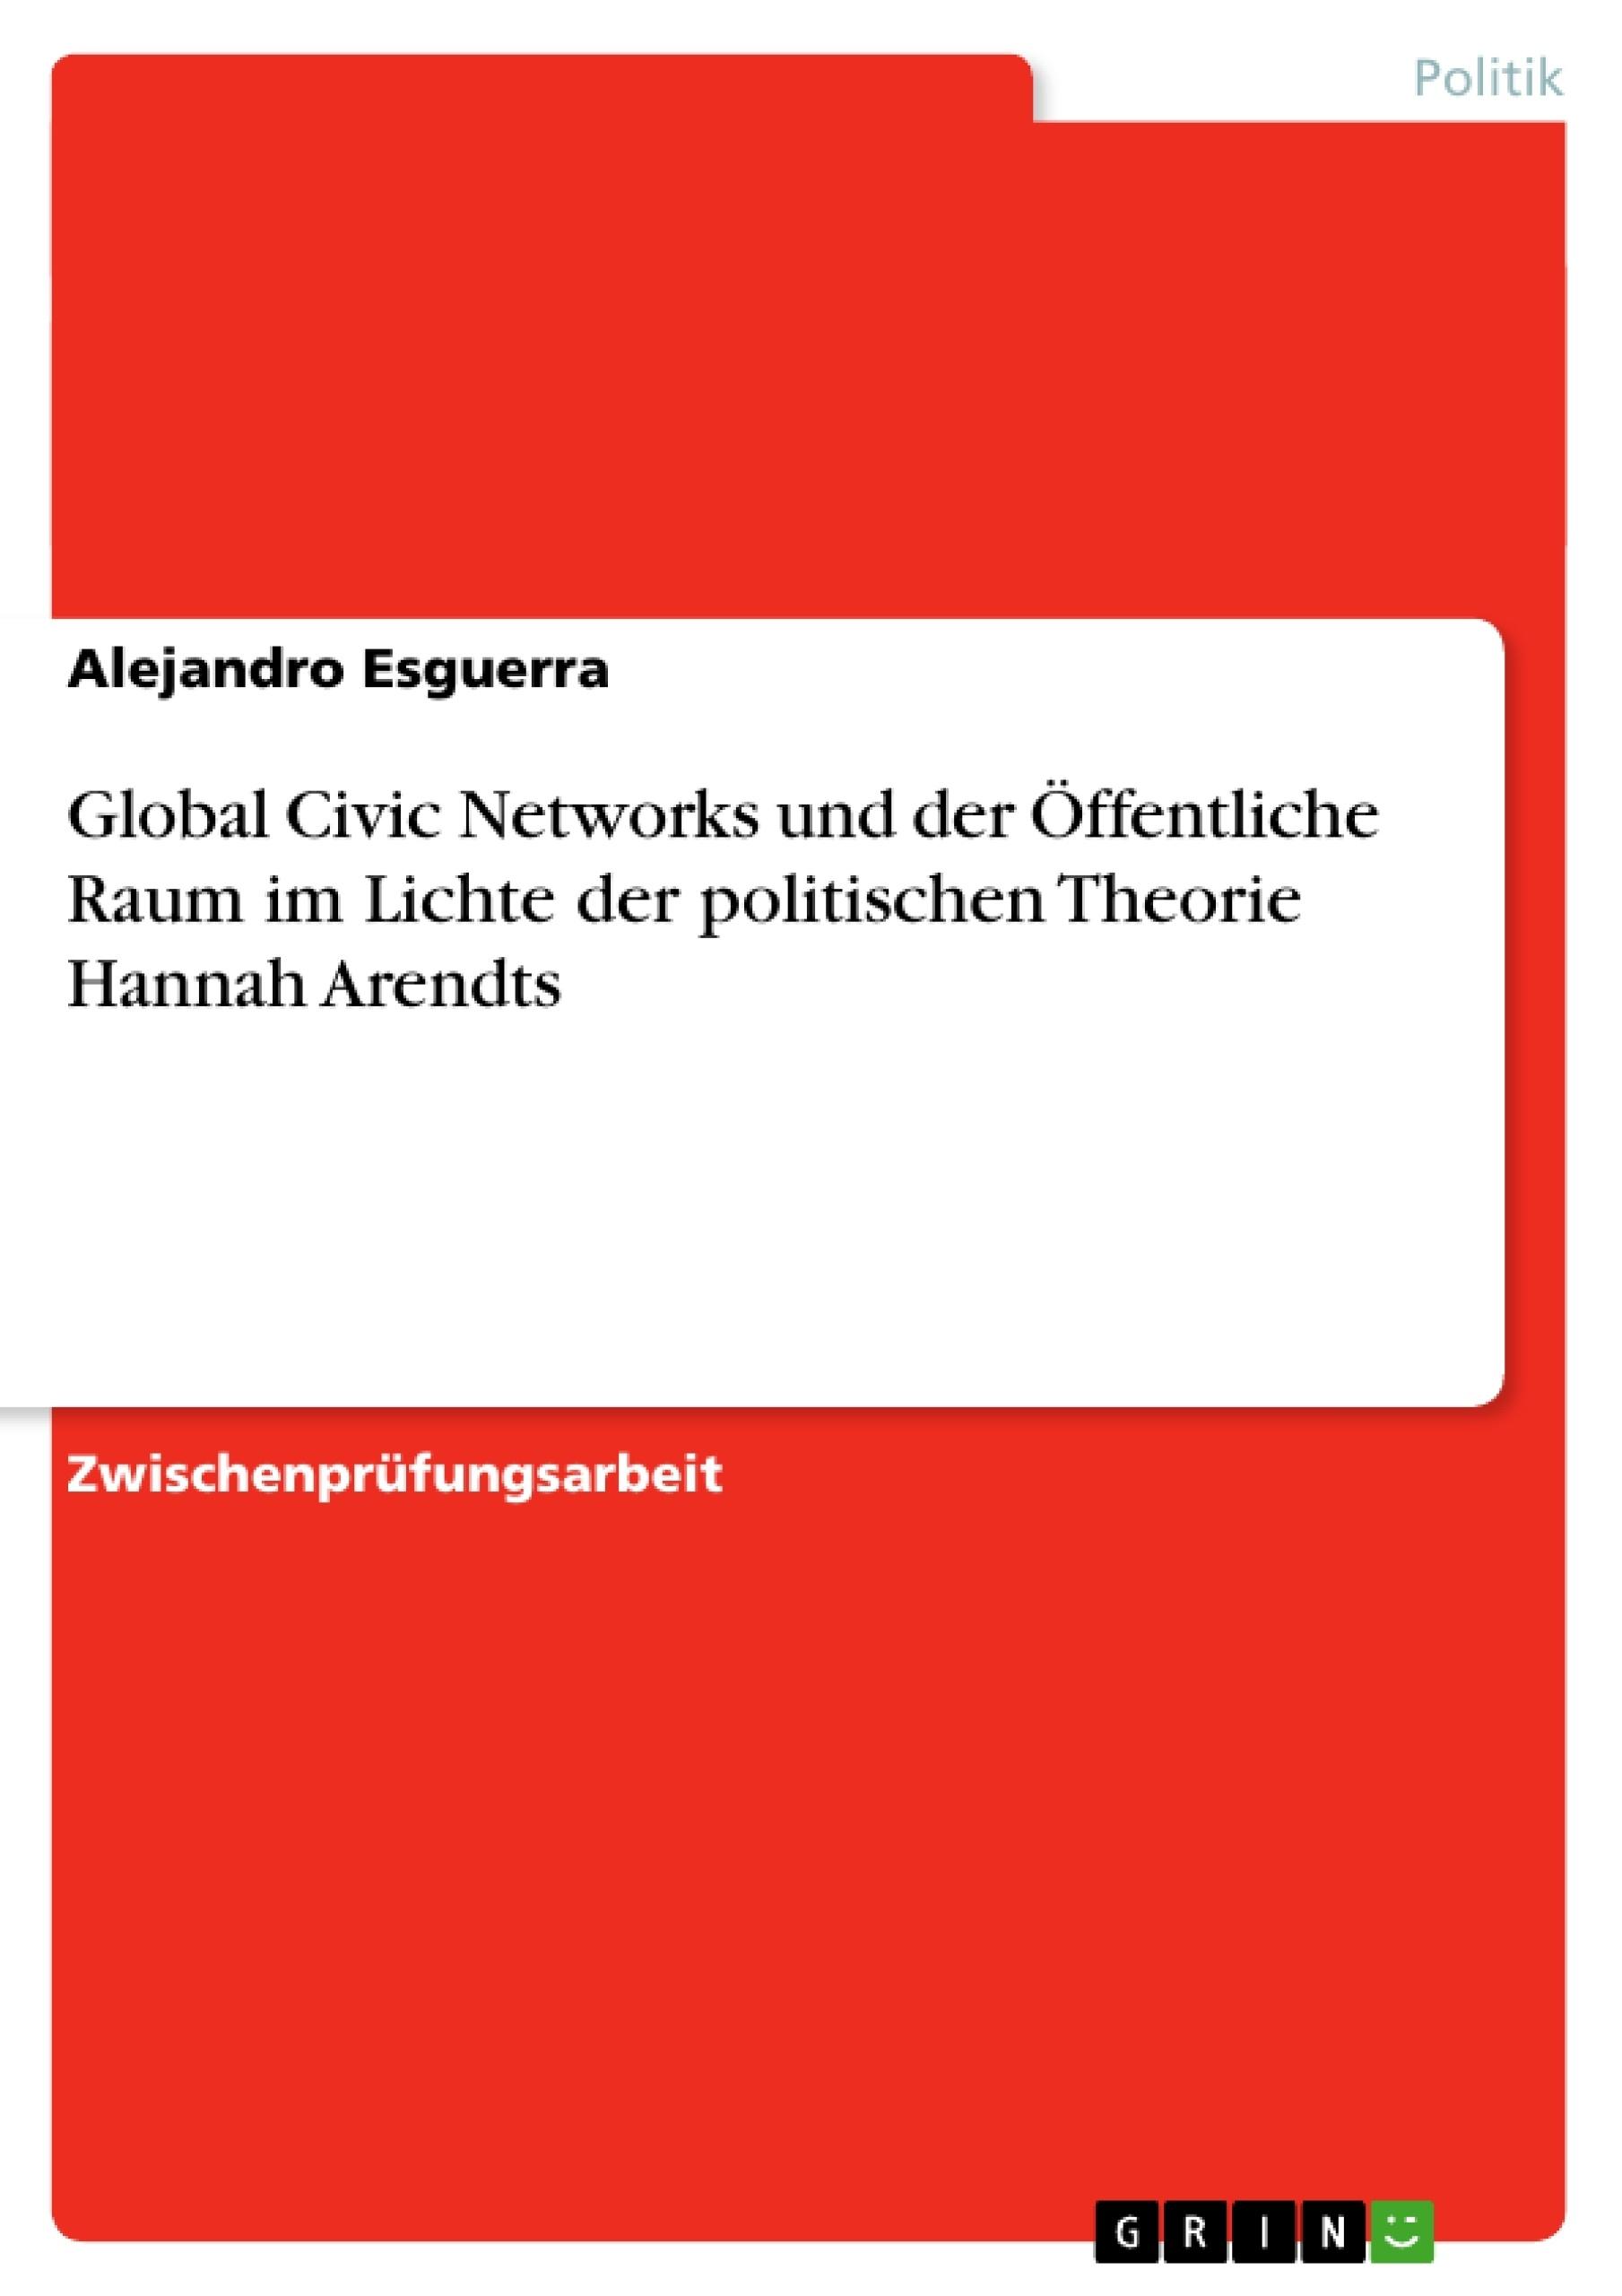 Titel: Global Civic Networks und der Öffentliche Raum im Lichte der politischen Theorie Hannah Arendts